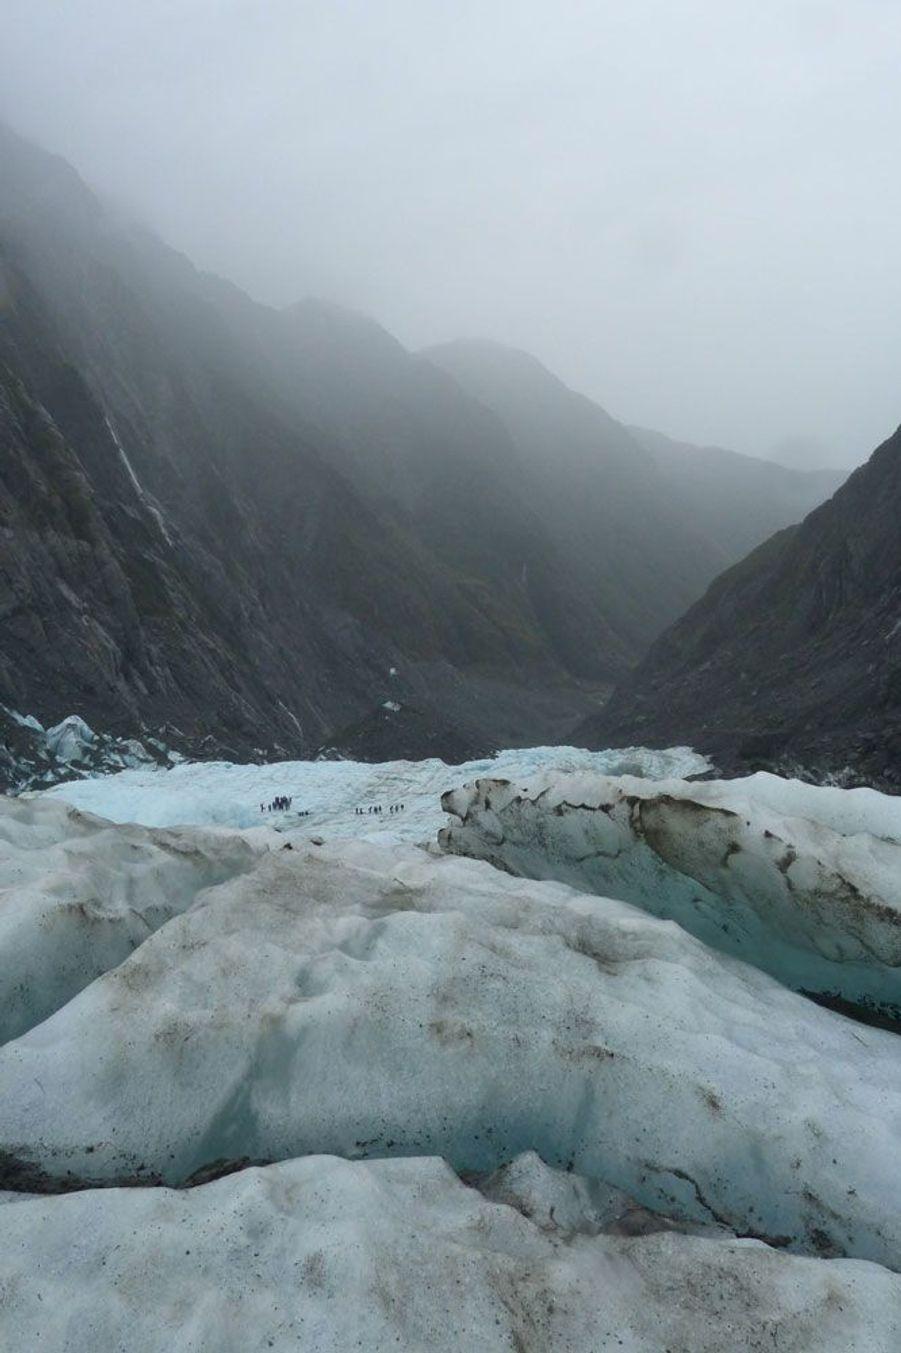 """Clara IEHL: Glacier Franz Josef, Nouvelle-Zélande: A cause du réchauffement climatique, les scientifiques prévoient que ce glacier va reculer de 5 km et perdre 38% de sa masse d'ici à 2100.Chaque semaine, Paris Match sélectionne, sur le web et dans le magazine, vos plus beaux clichés pour la planète dans le cadre de son opération""""Ma Terre en photo"""".Vous aussi envoyez une photo pour la planète surwww.materre.photosParticipez au plus grand album photo de la planète pour l'environnement. Un arbre planté pour chaque photo envoyée !Vos images seront ensuite rassemblées dans un ouvrage qui sera remis à tous les chefs d'Etats et chefs de délégation lors de la Conférence des Nations unies sur le climat (COP21) qui se tiendra à Paris en décembre prochain."""